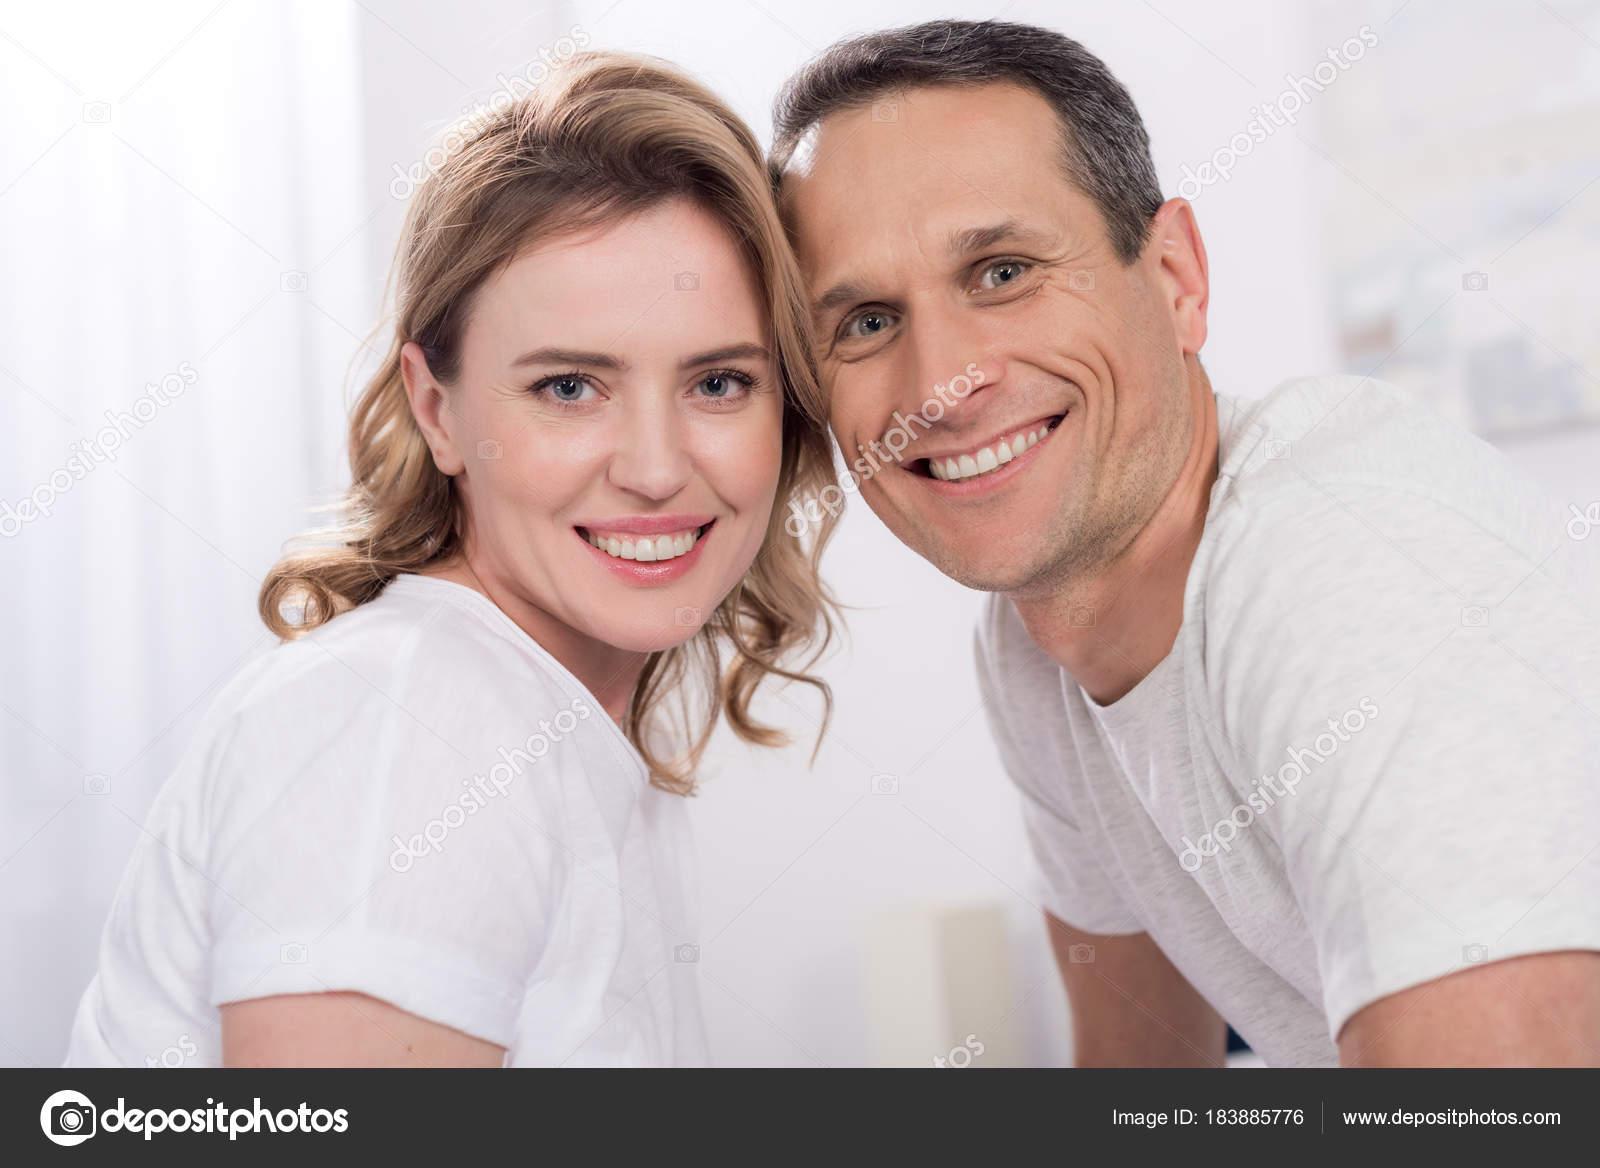 cam gratis parejas